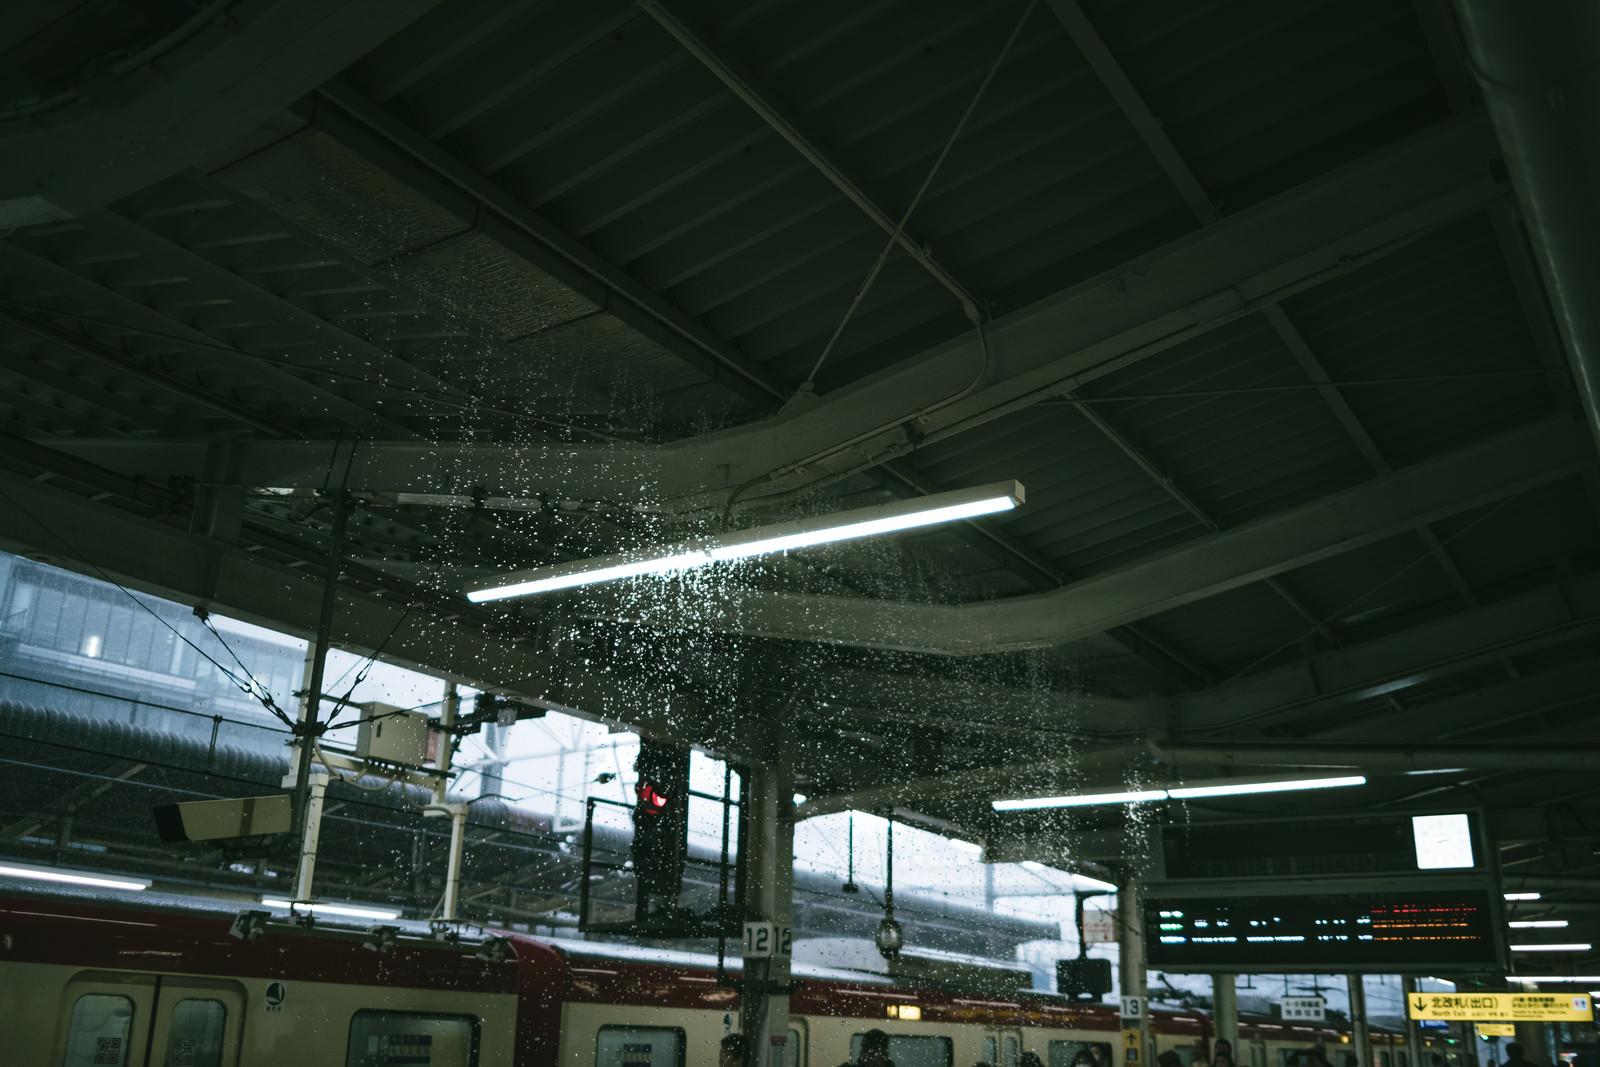 「豪雨で駅ホーム内が水浸し」の写真